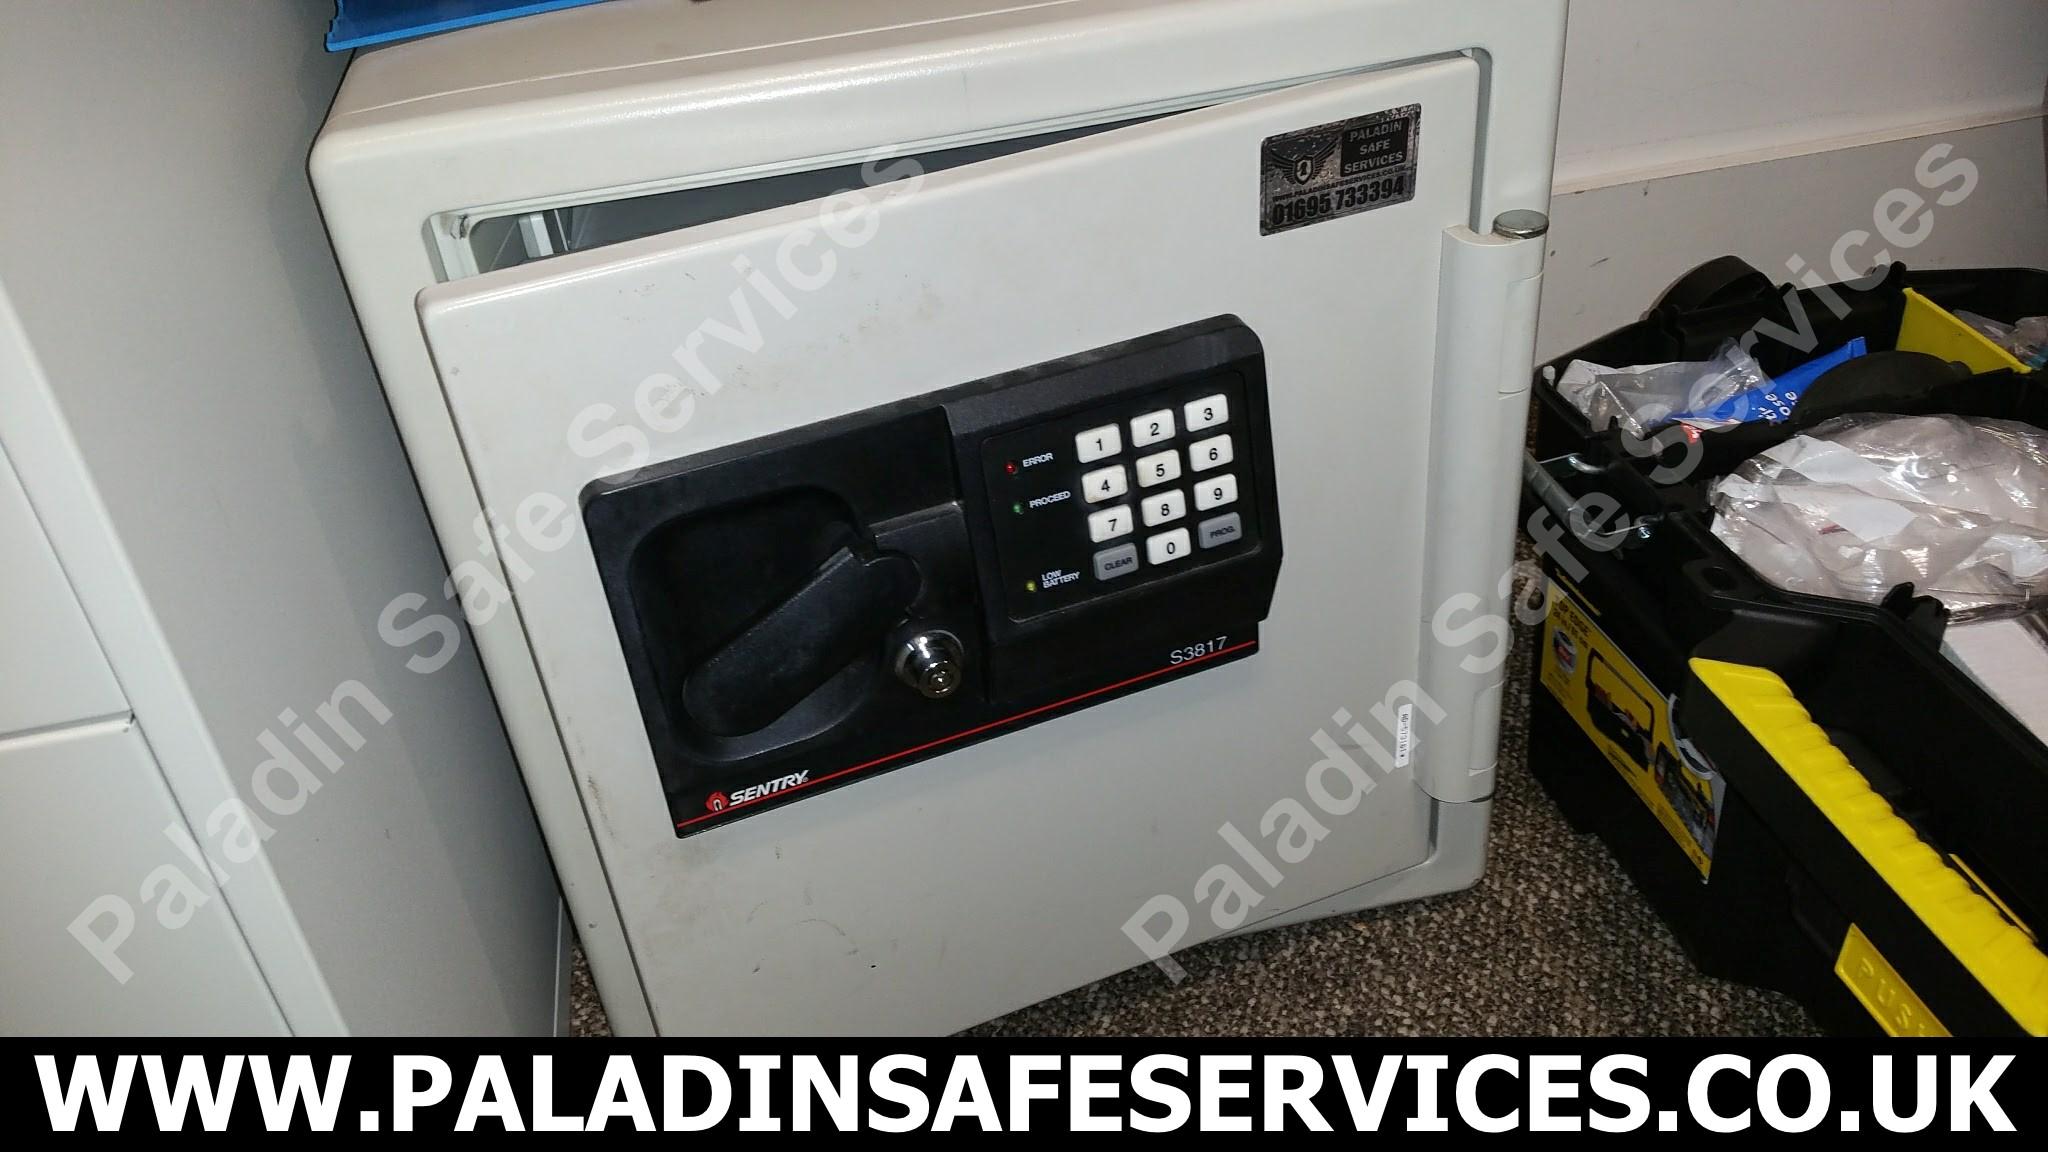 Sentry S3817 Safe